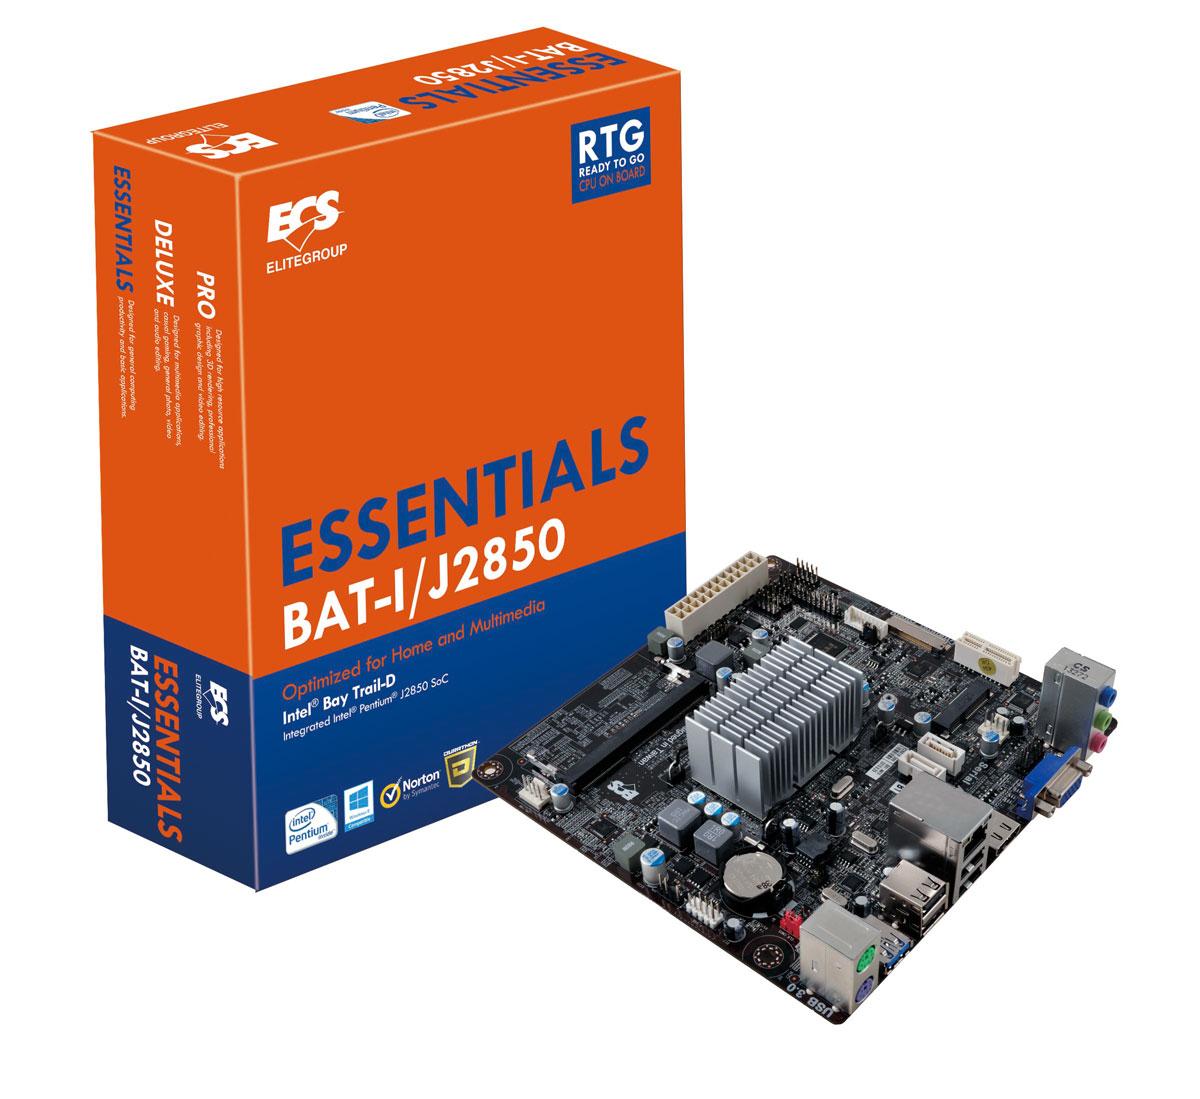 ECS-BAT-SoC-ITX-Motherboard-PR-3